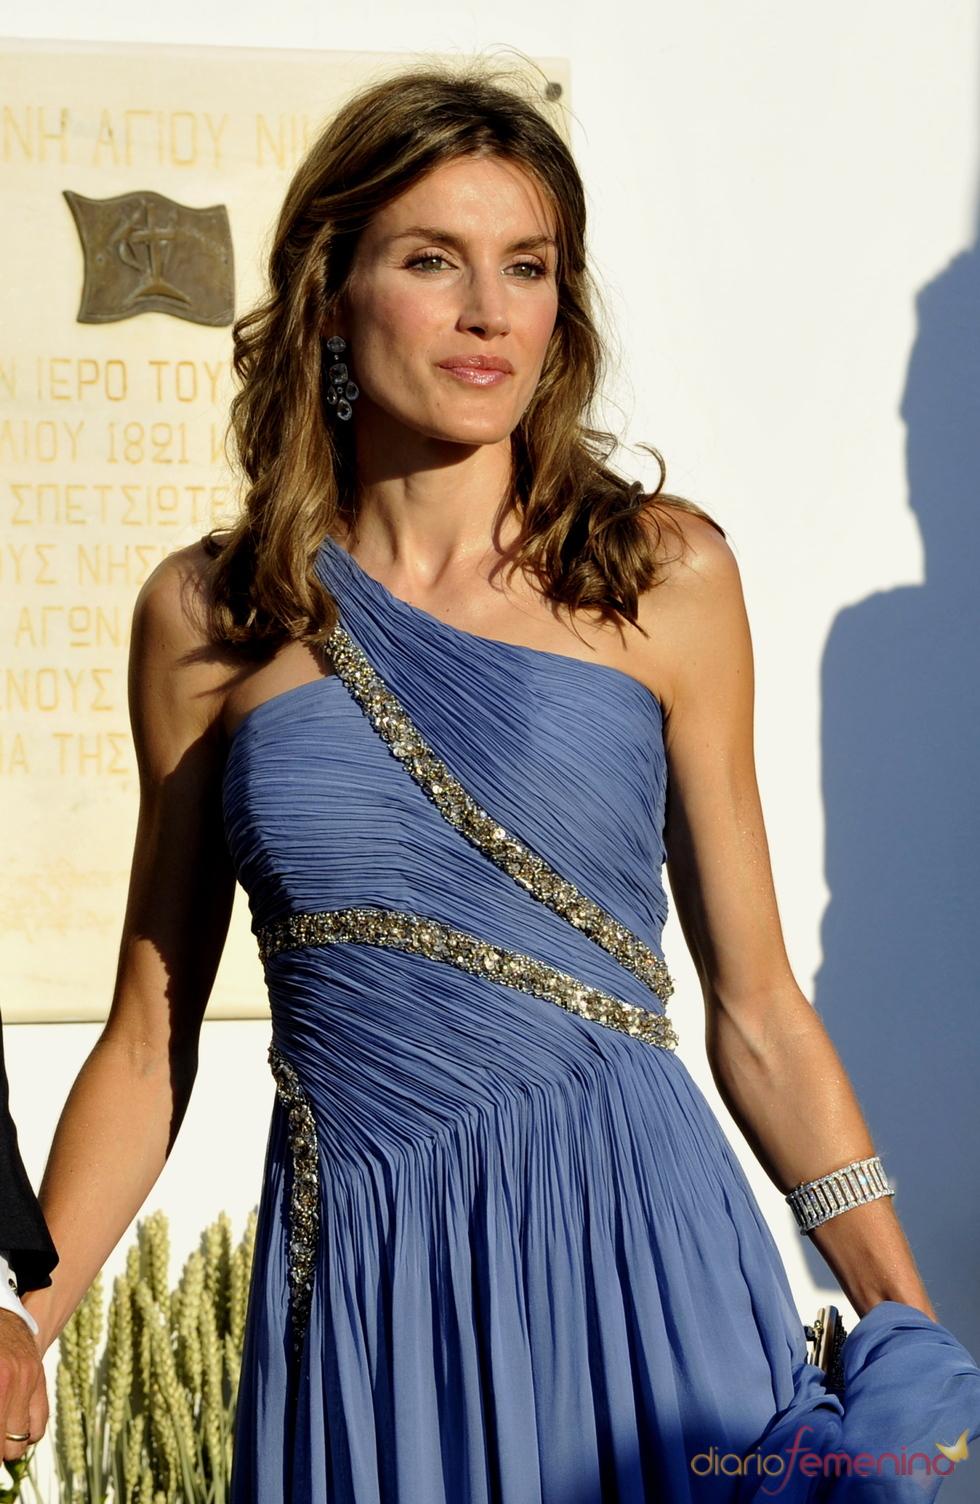 Letizia, espectacular en la boda de Nicoás y Tatiana